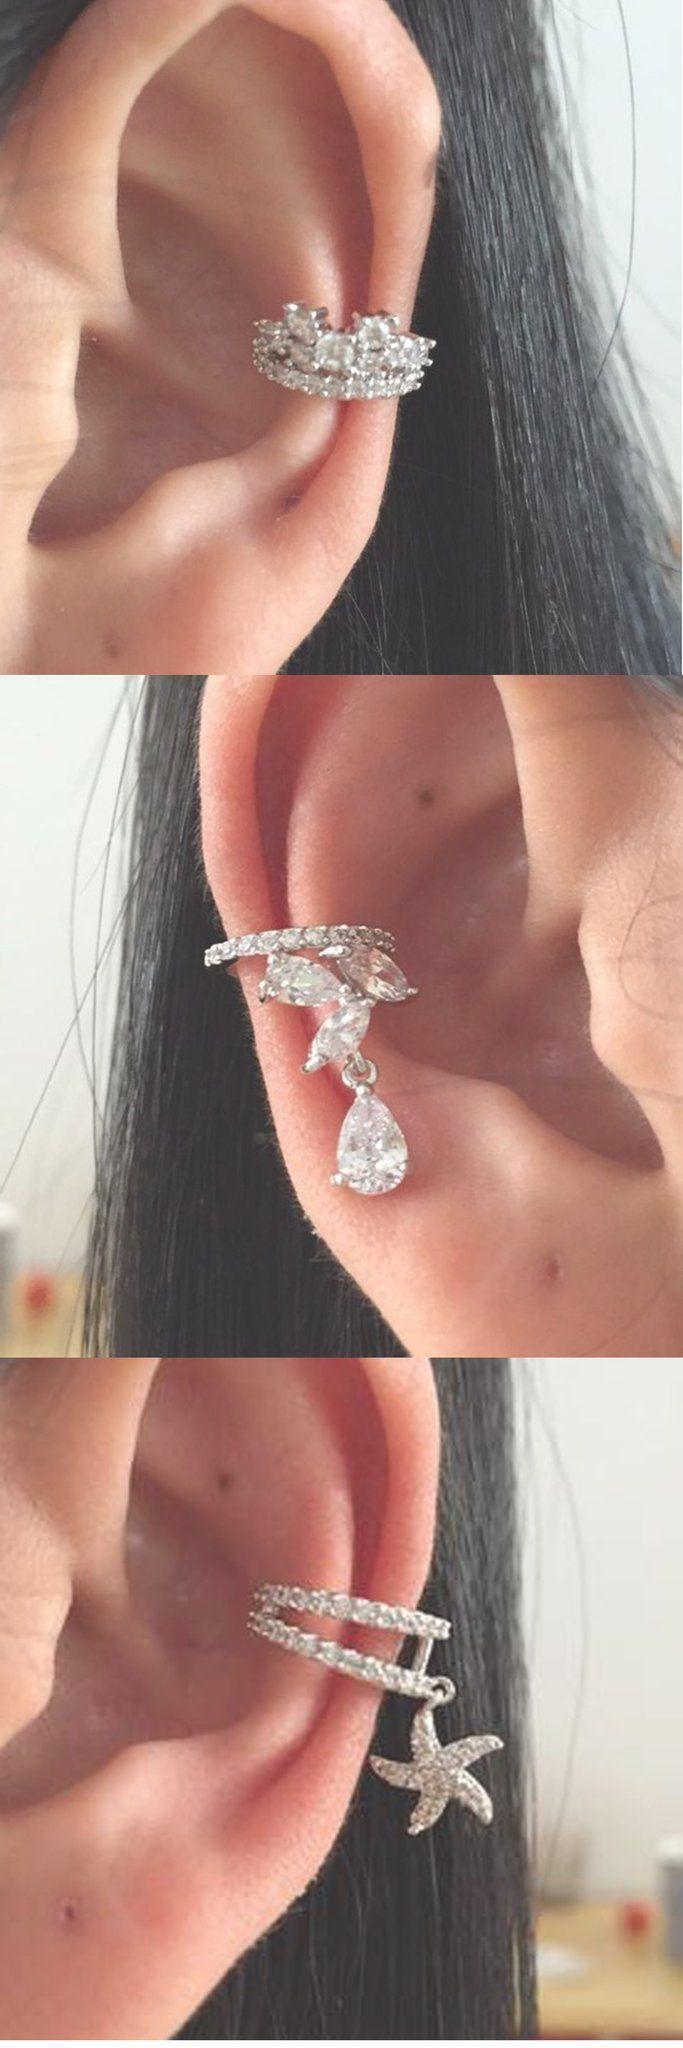 Ear piercing ideas simple  Ear Piercings Ideas for ONLY the Trendiest  Pinterest